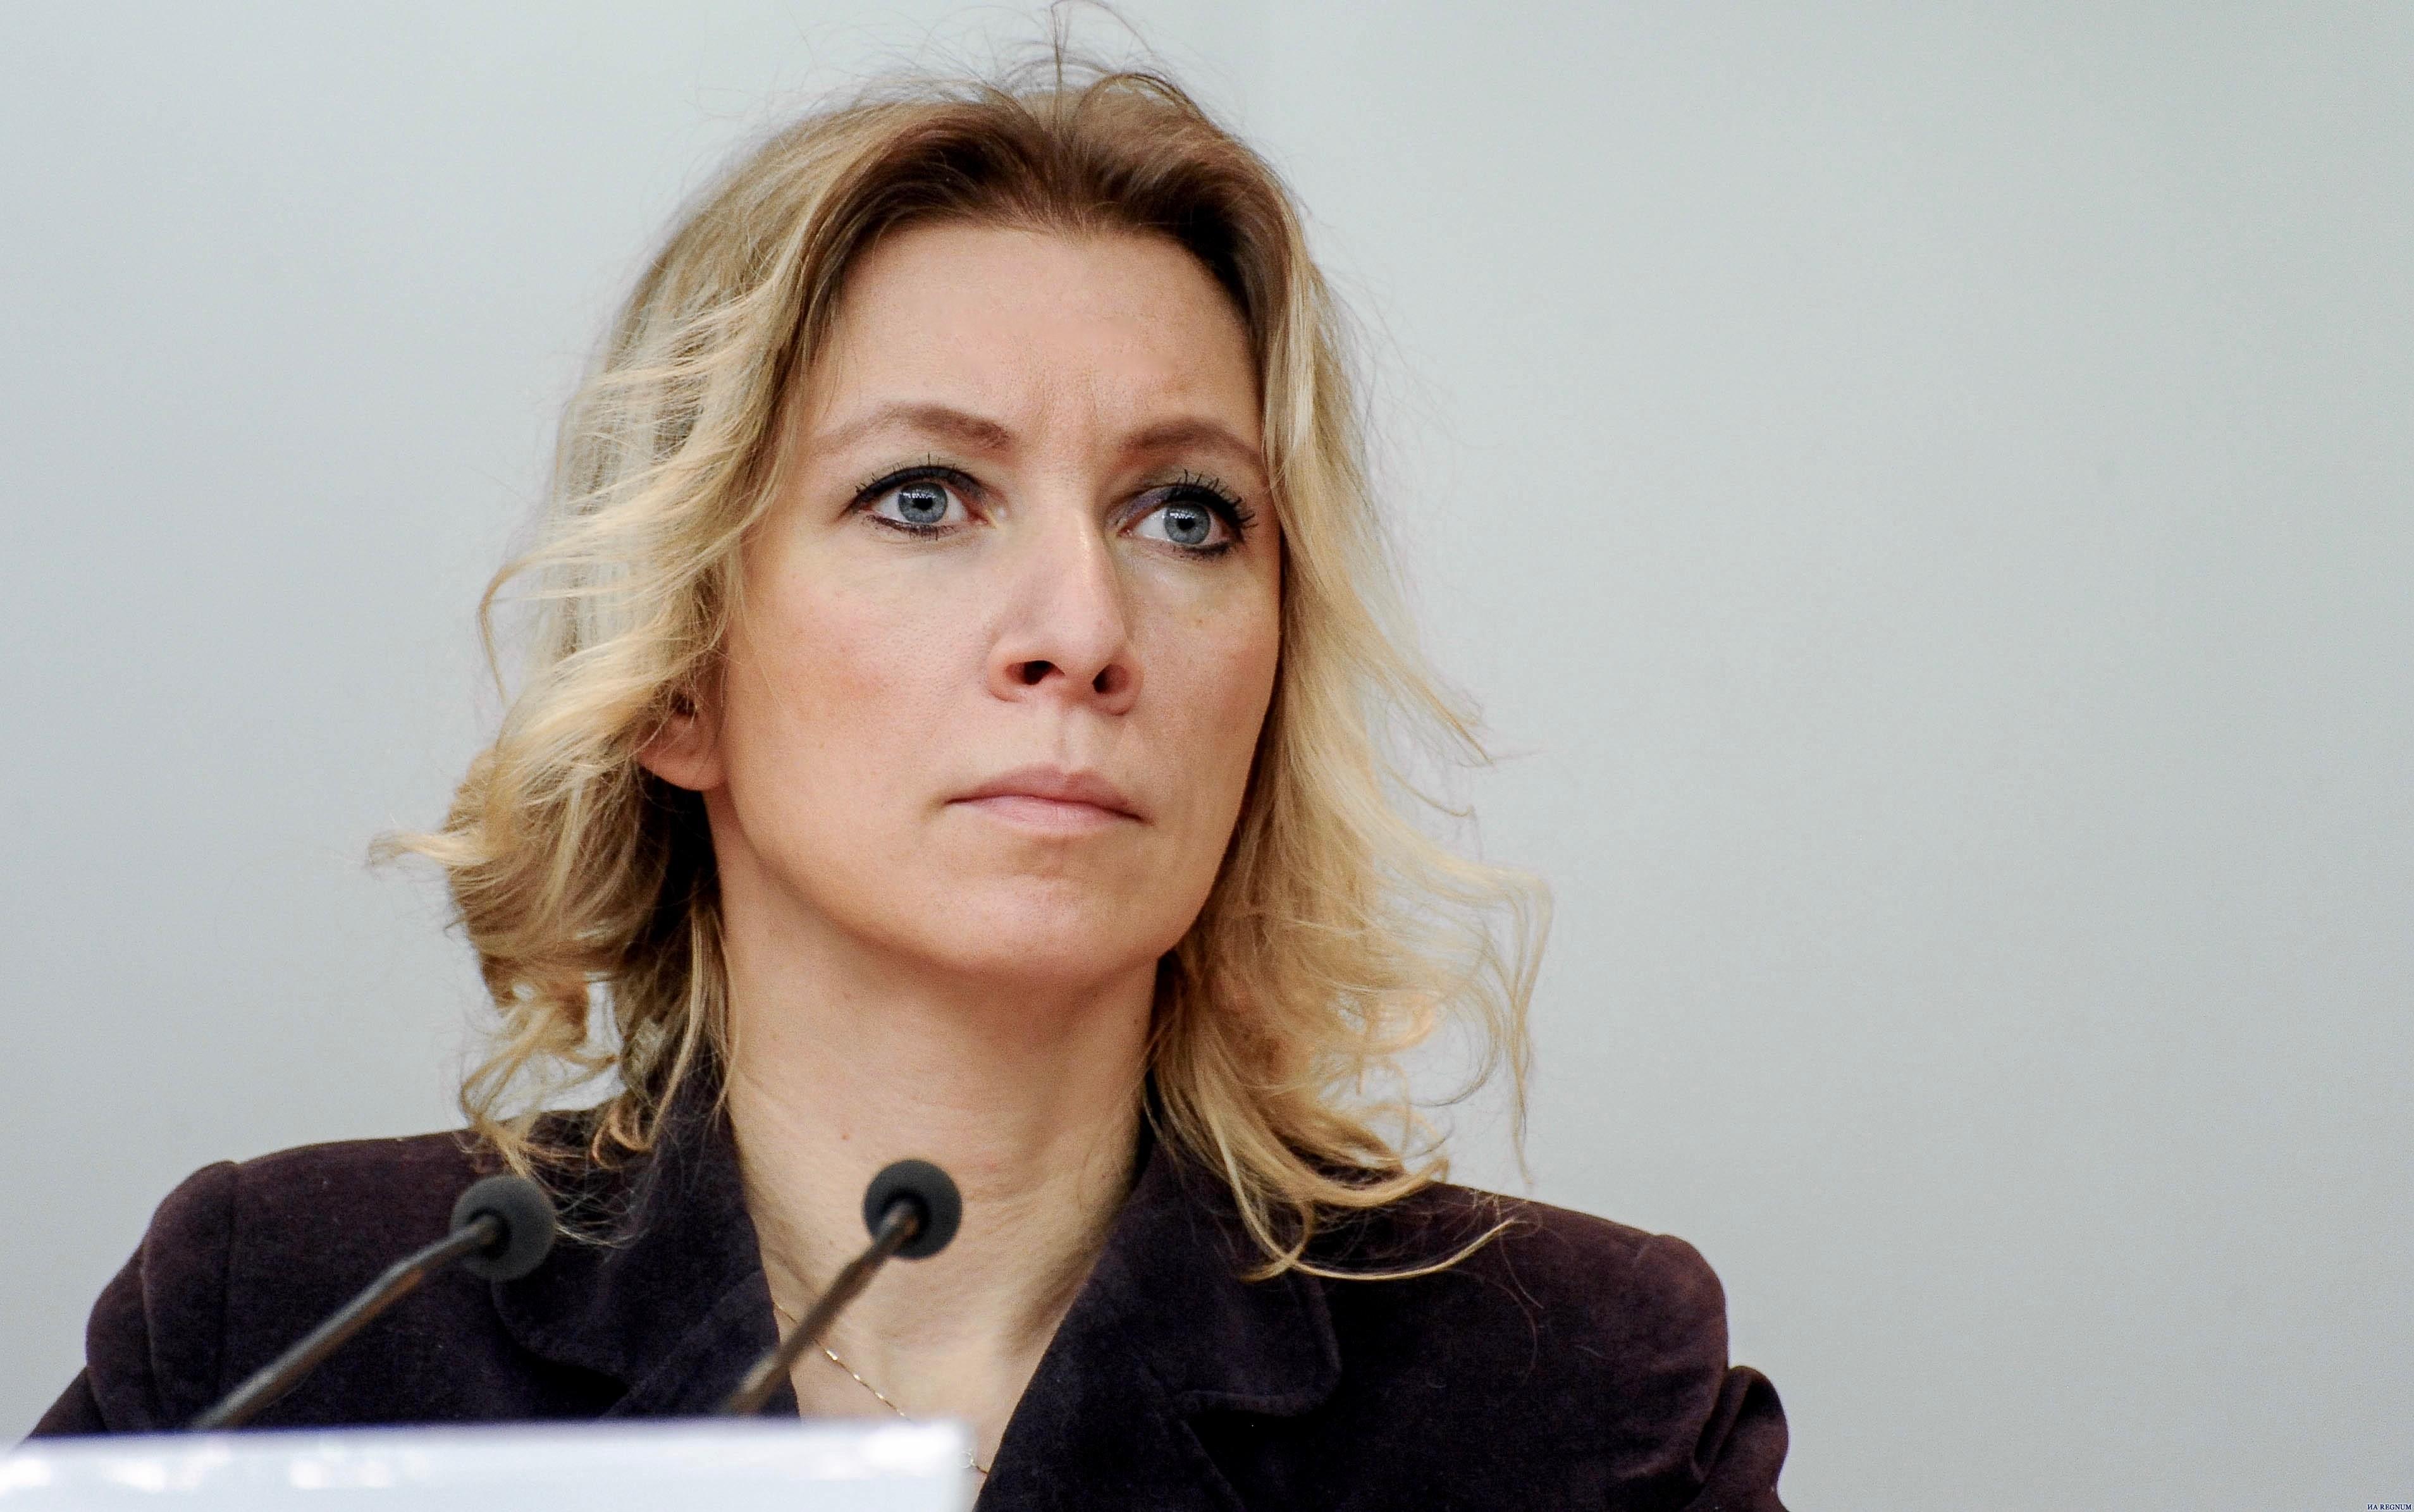 Захарова отреагировала на сообщения о «ядерной бомбе в Крыму»